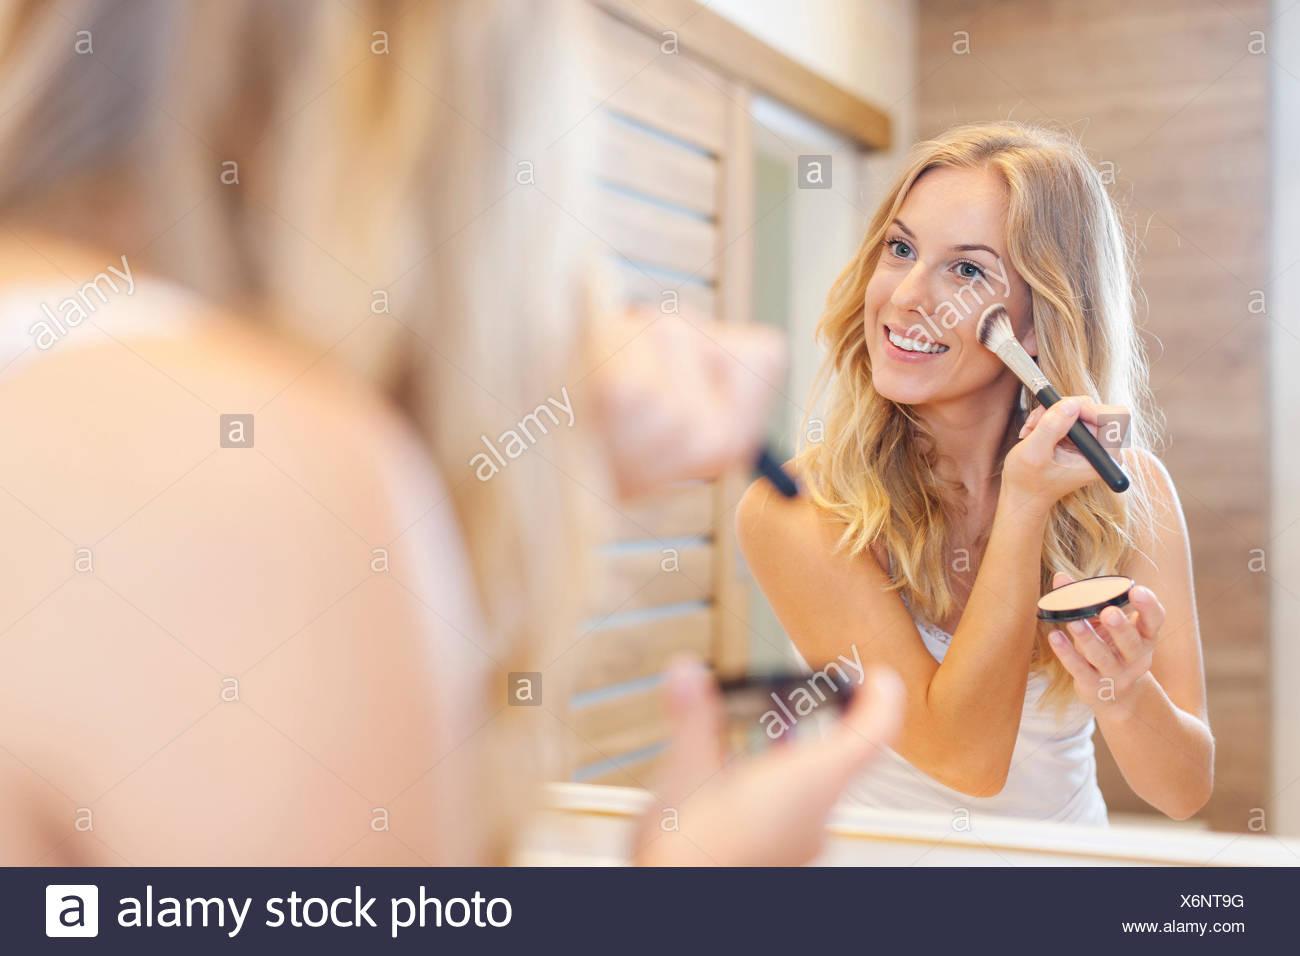 Belle femme blonde faire un miroir en face du miroir. Debica, Pologne Photo Stock